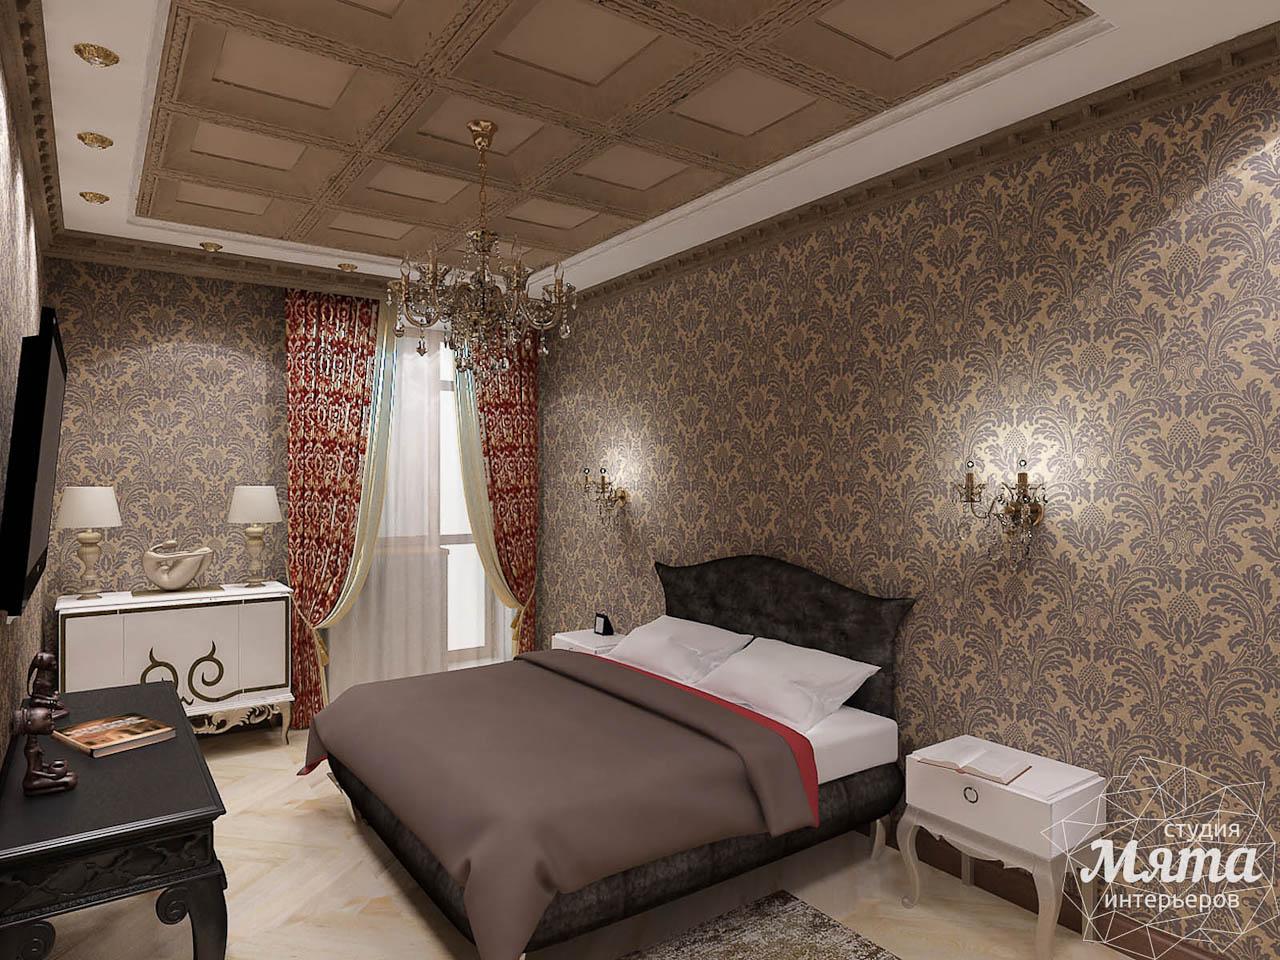 Дизайн интерьера двухкомнатной квартиры по ул. Мельникова 38 img134075977